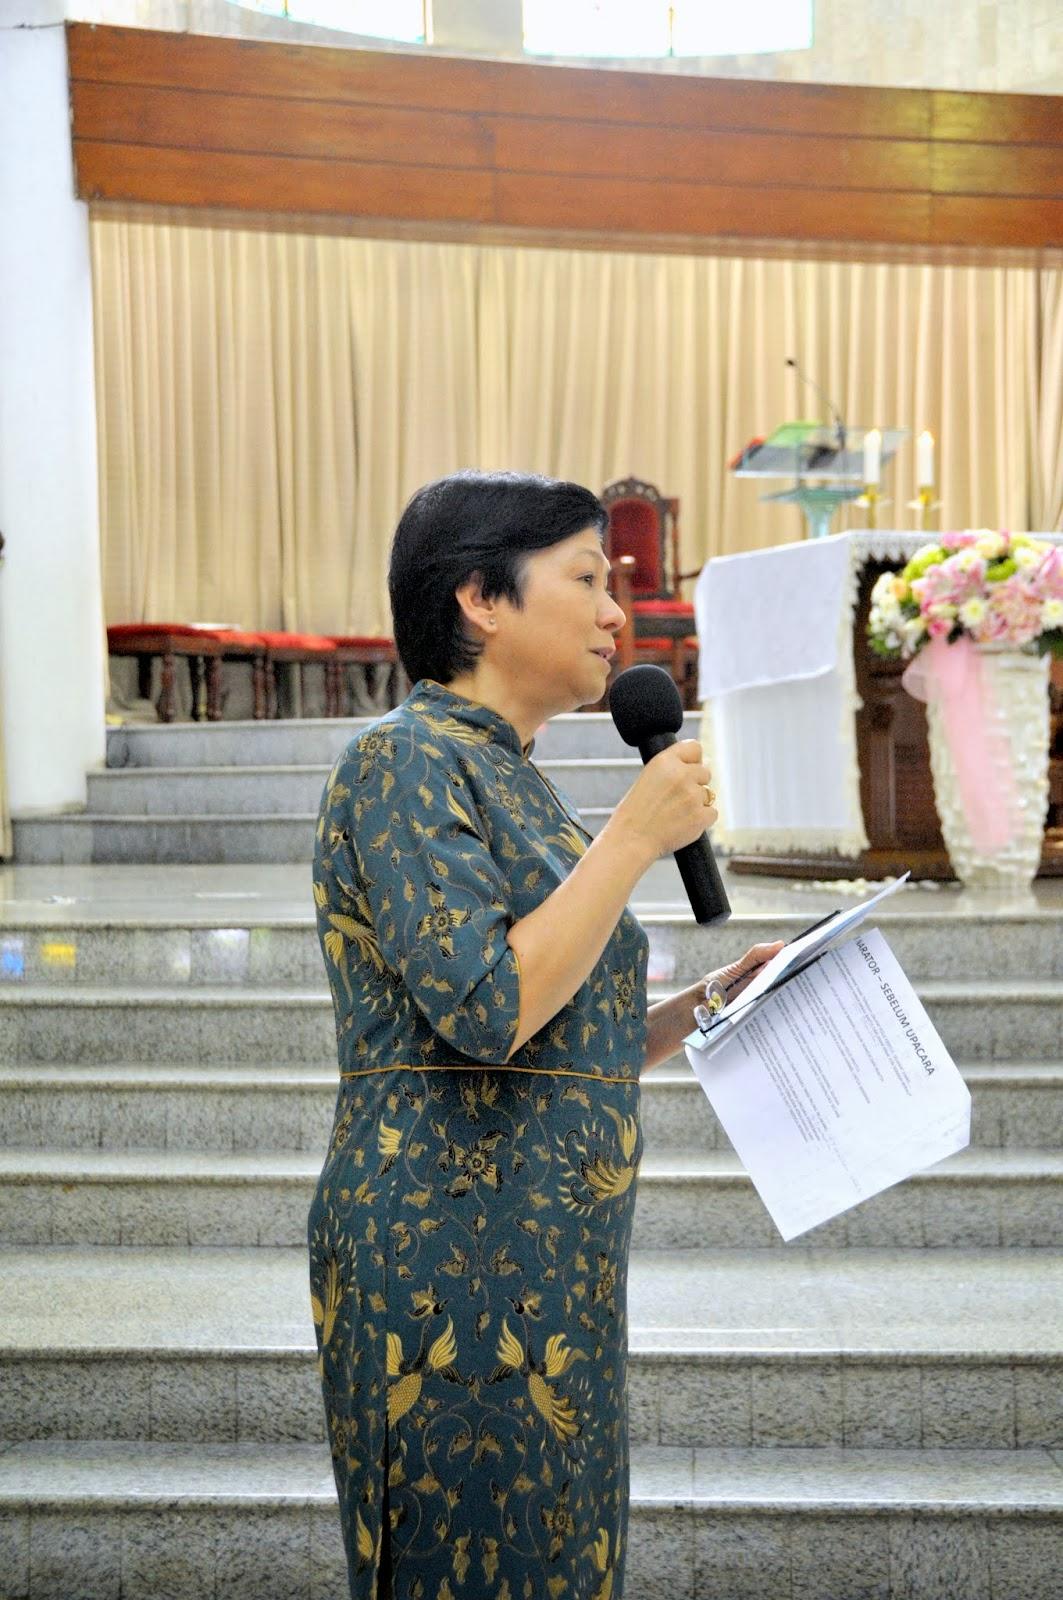 Acara Baptis Umum Bayi tanggal 02 Maret 2014 @ Maria Kusuma Karmel